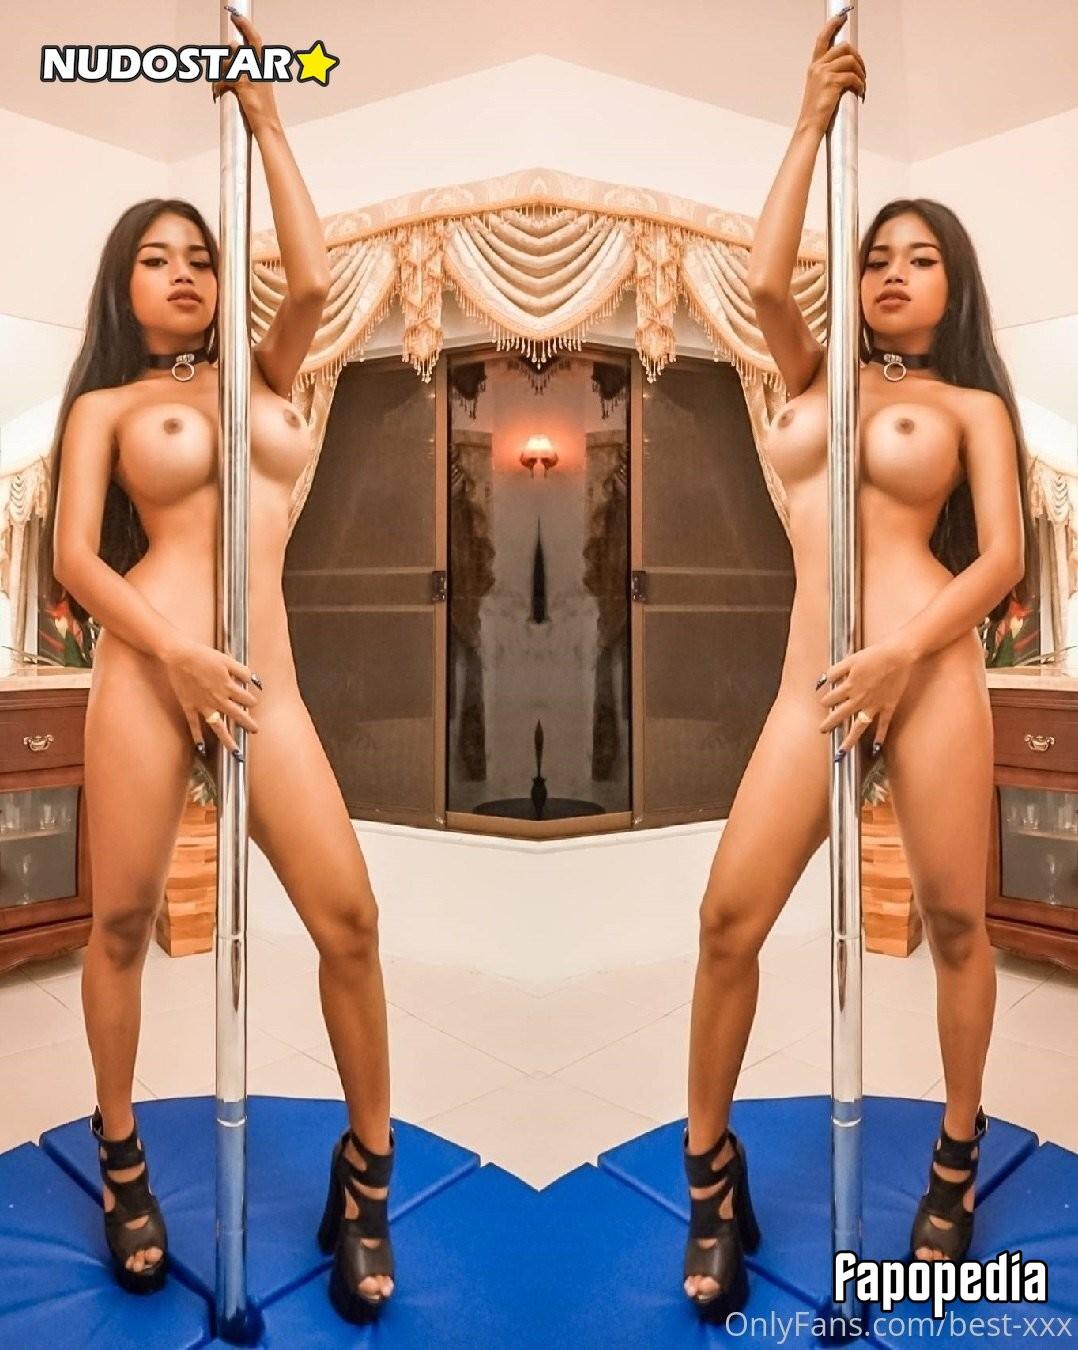 Best-xxx Nude OnlyFans Leaks